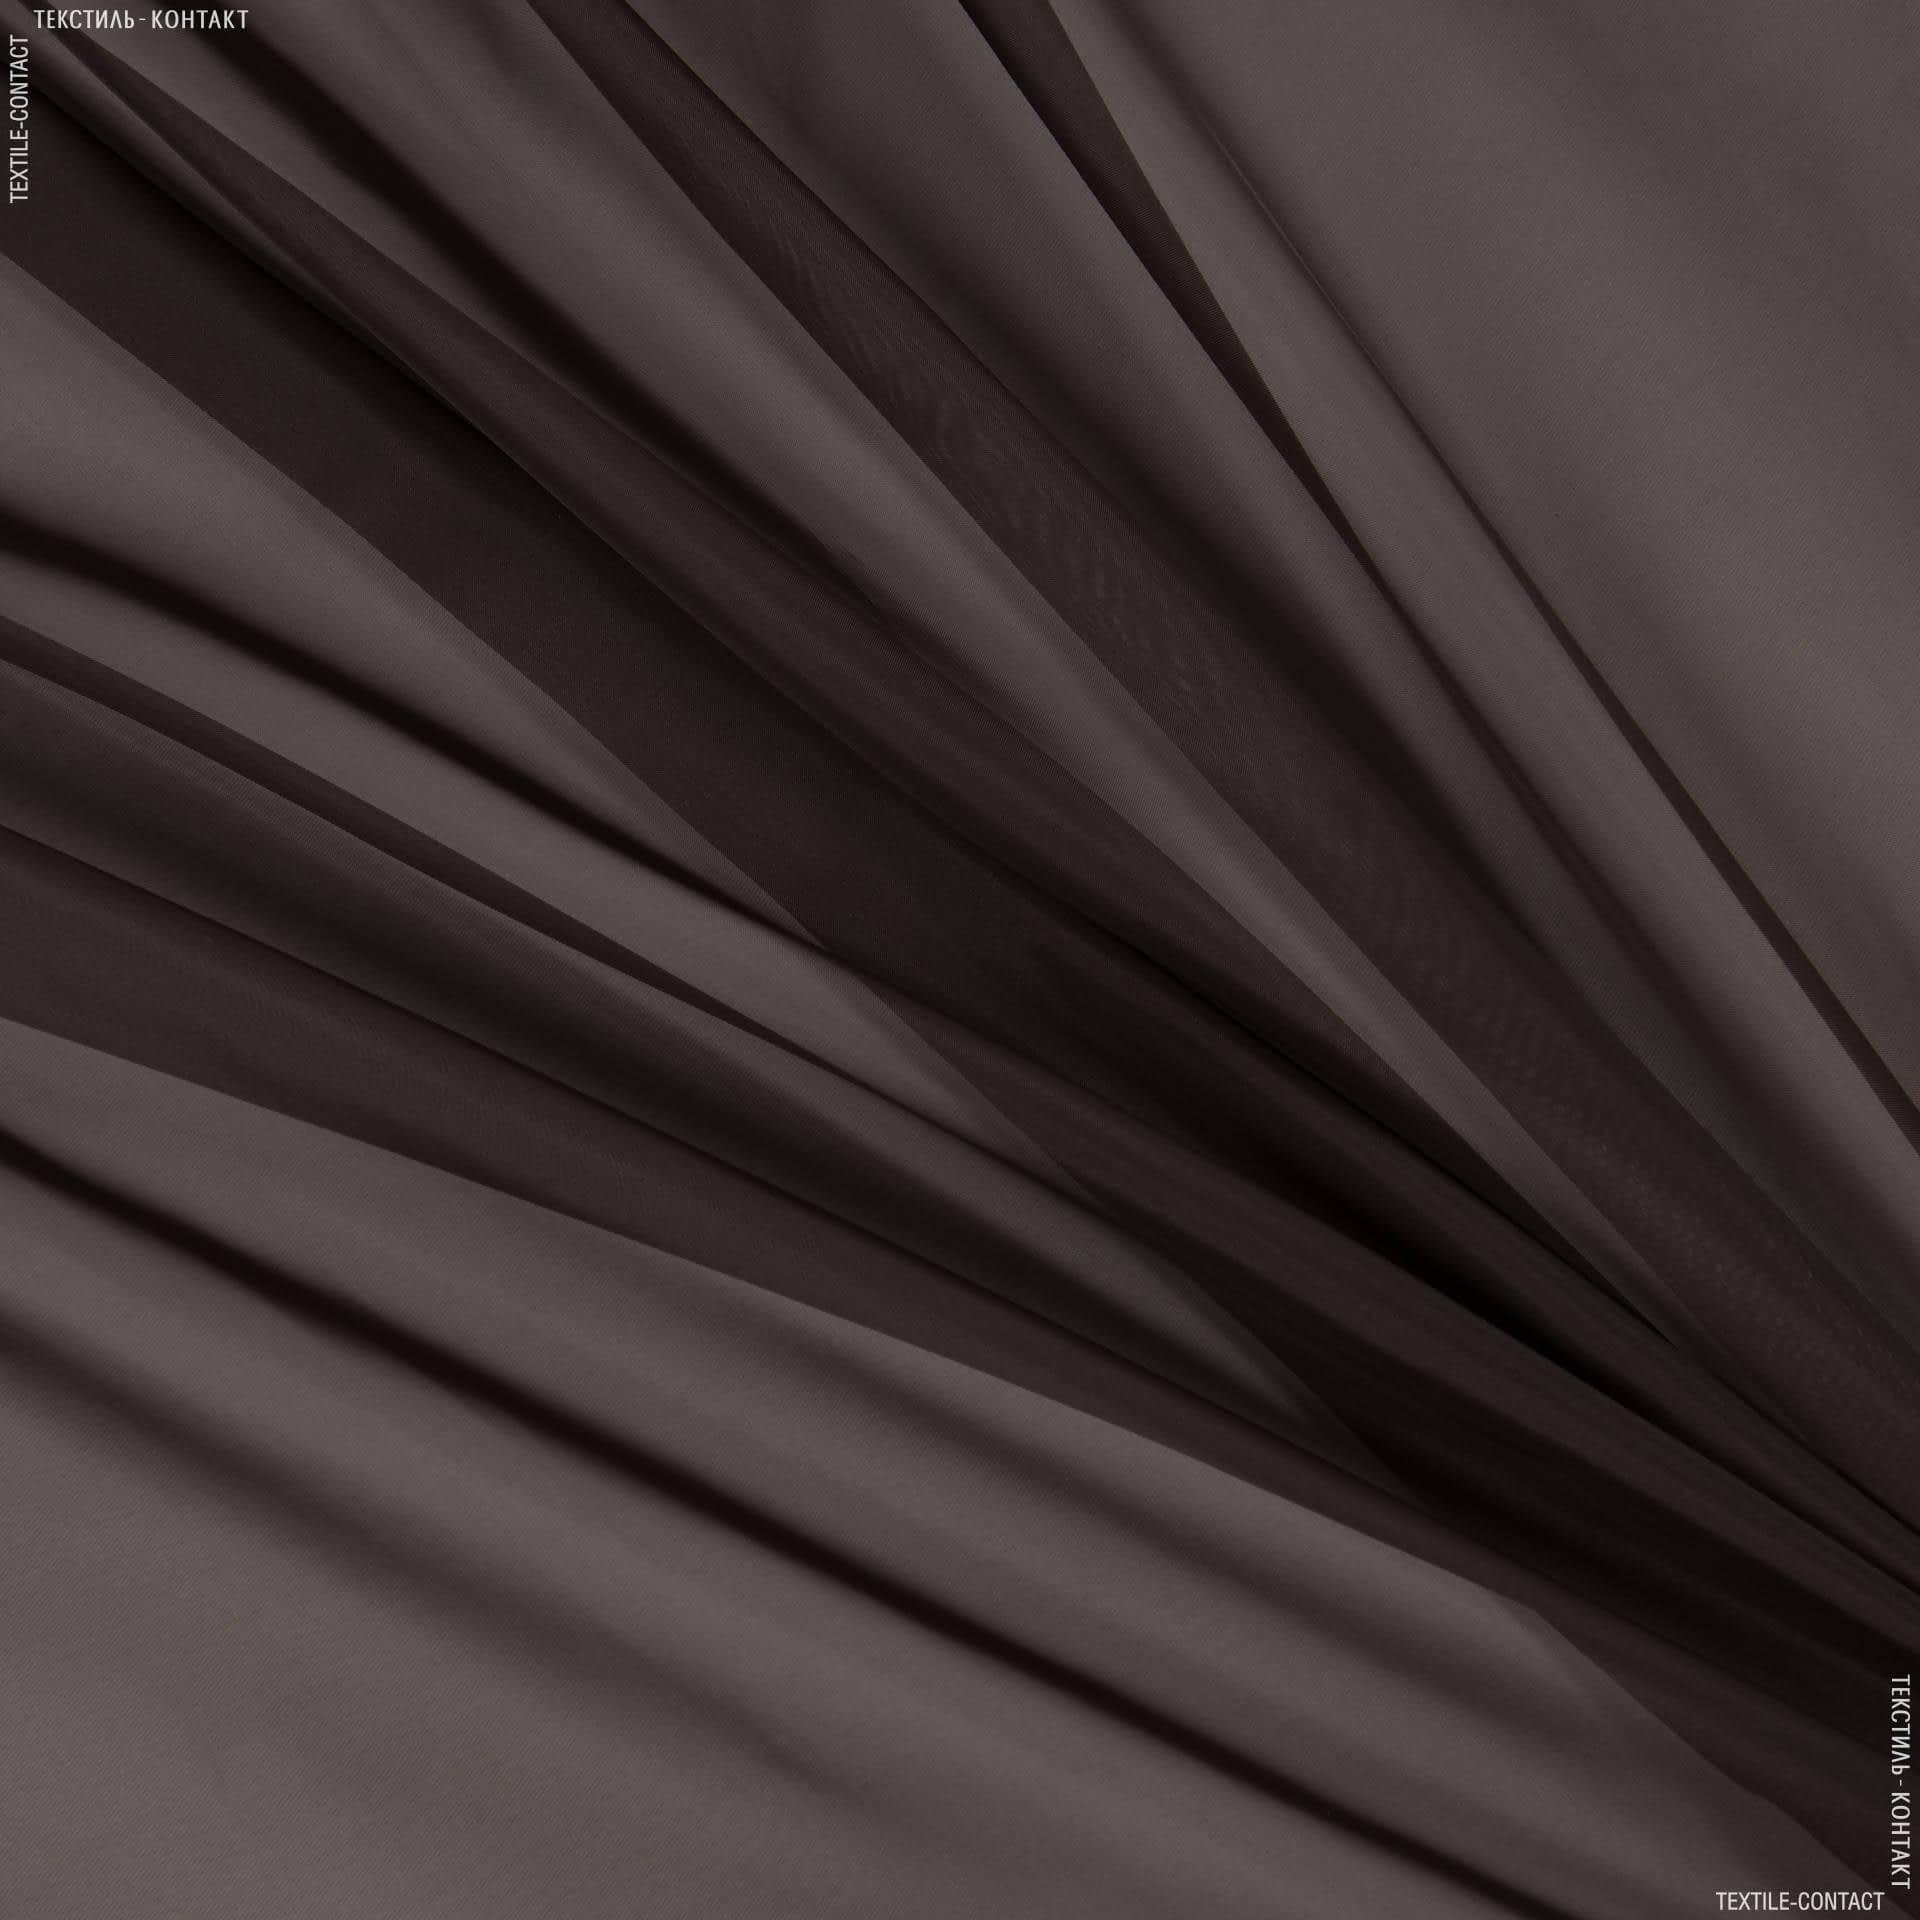 Ткани гардинные ткани - Тюль  вуаль черный шоколад